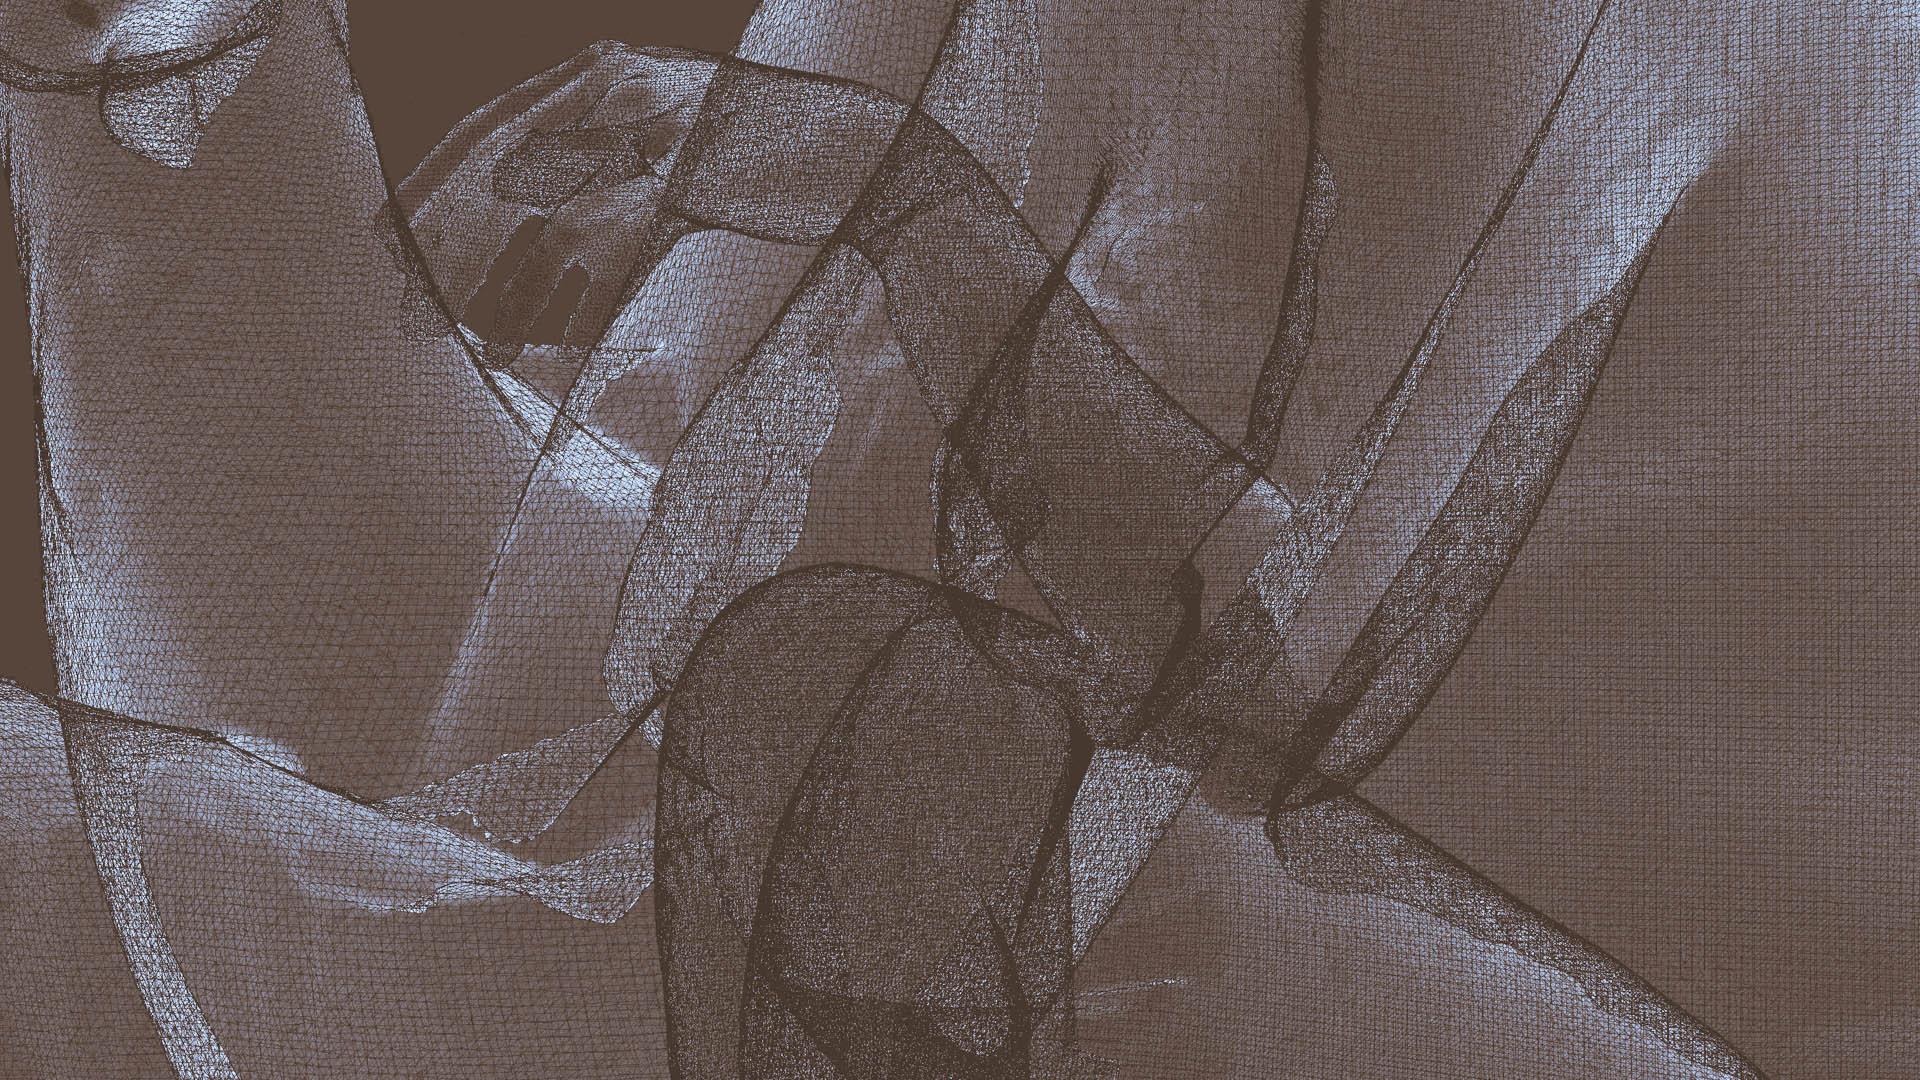 supporto-modellazione-scultura-digitale-eleonora-rotolo-Studio_B19